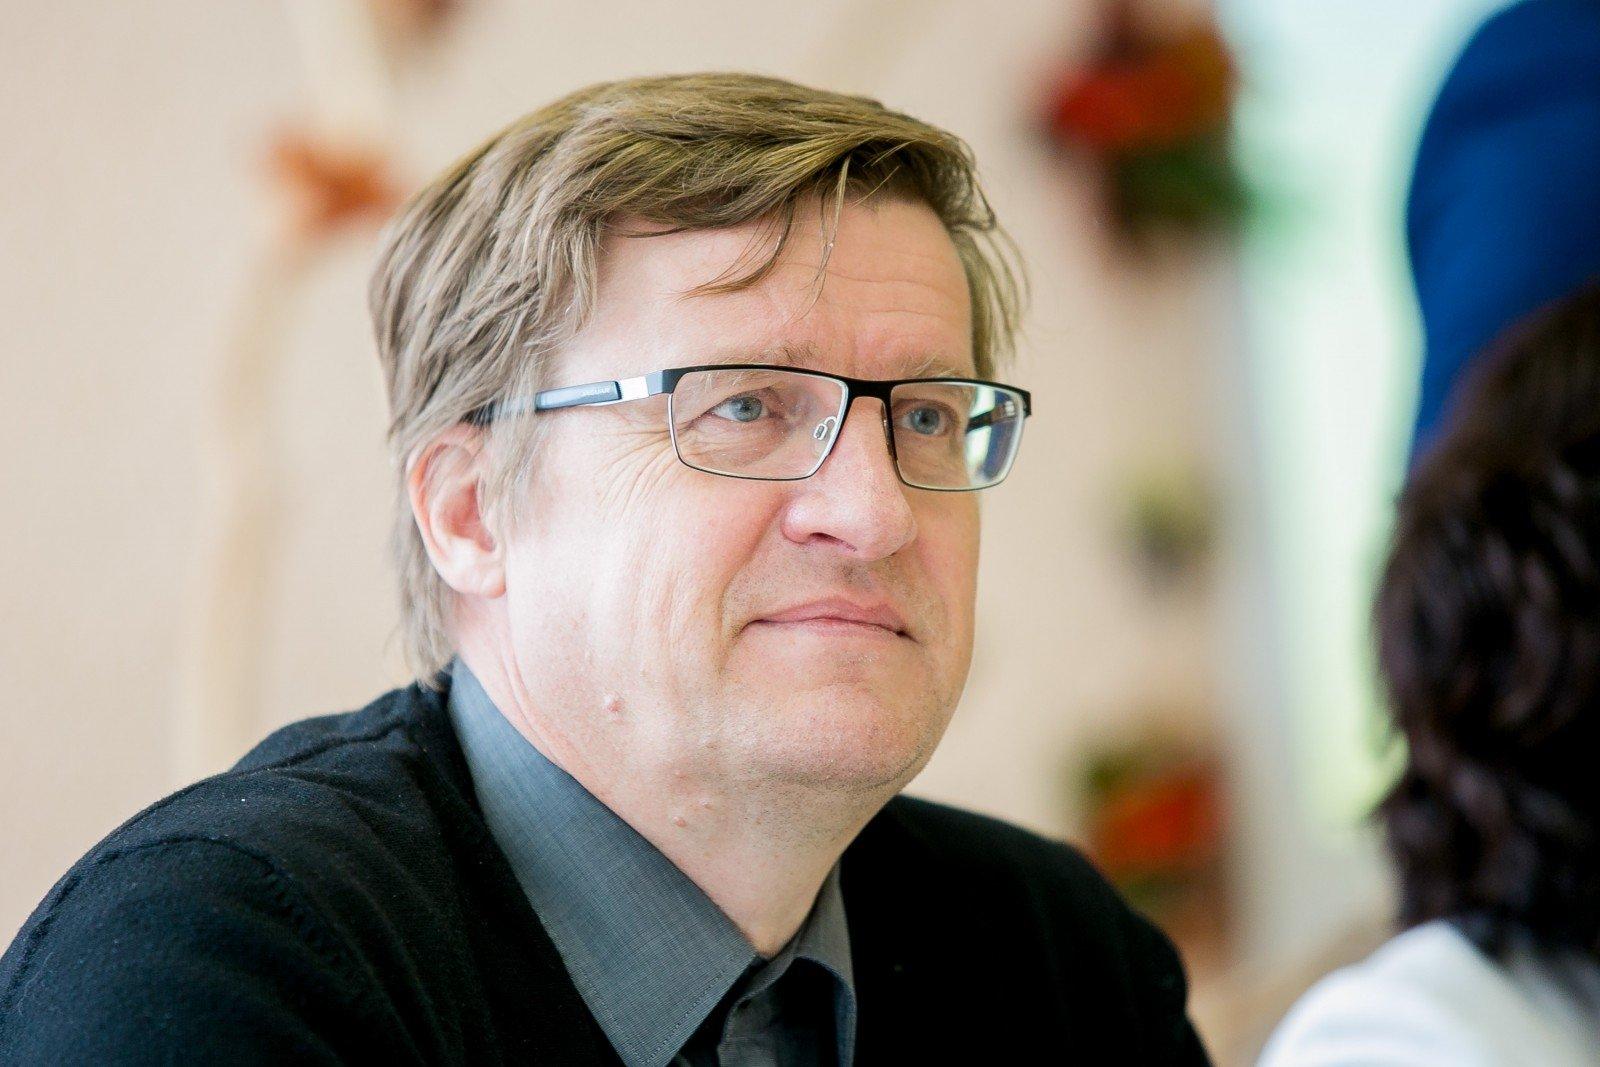 Seimo komisijos ragina didinti žmonių emocinį raštingumą